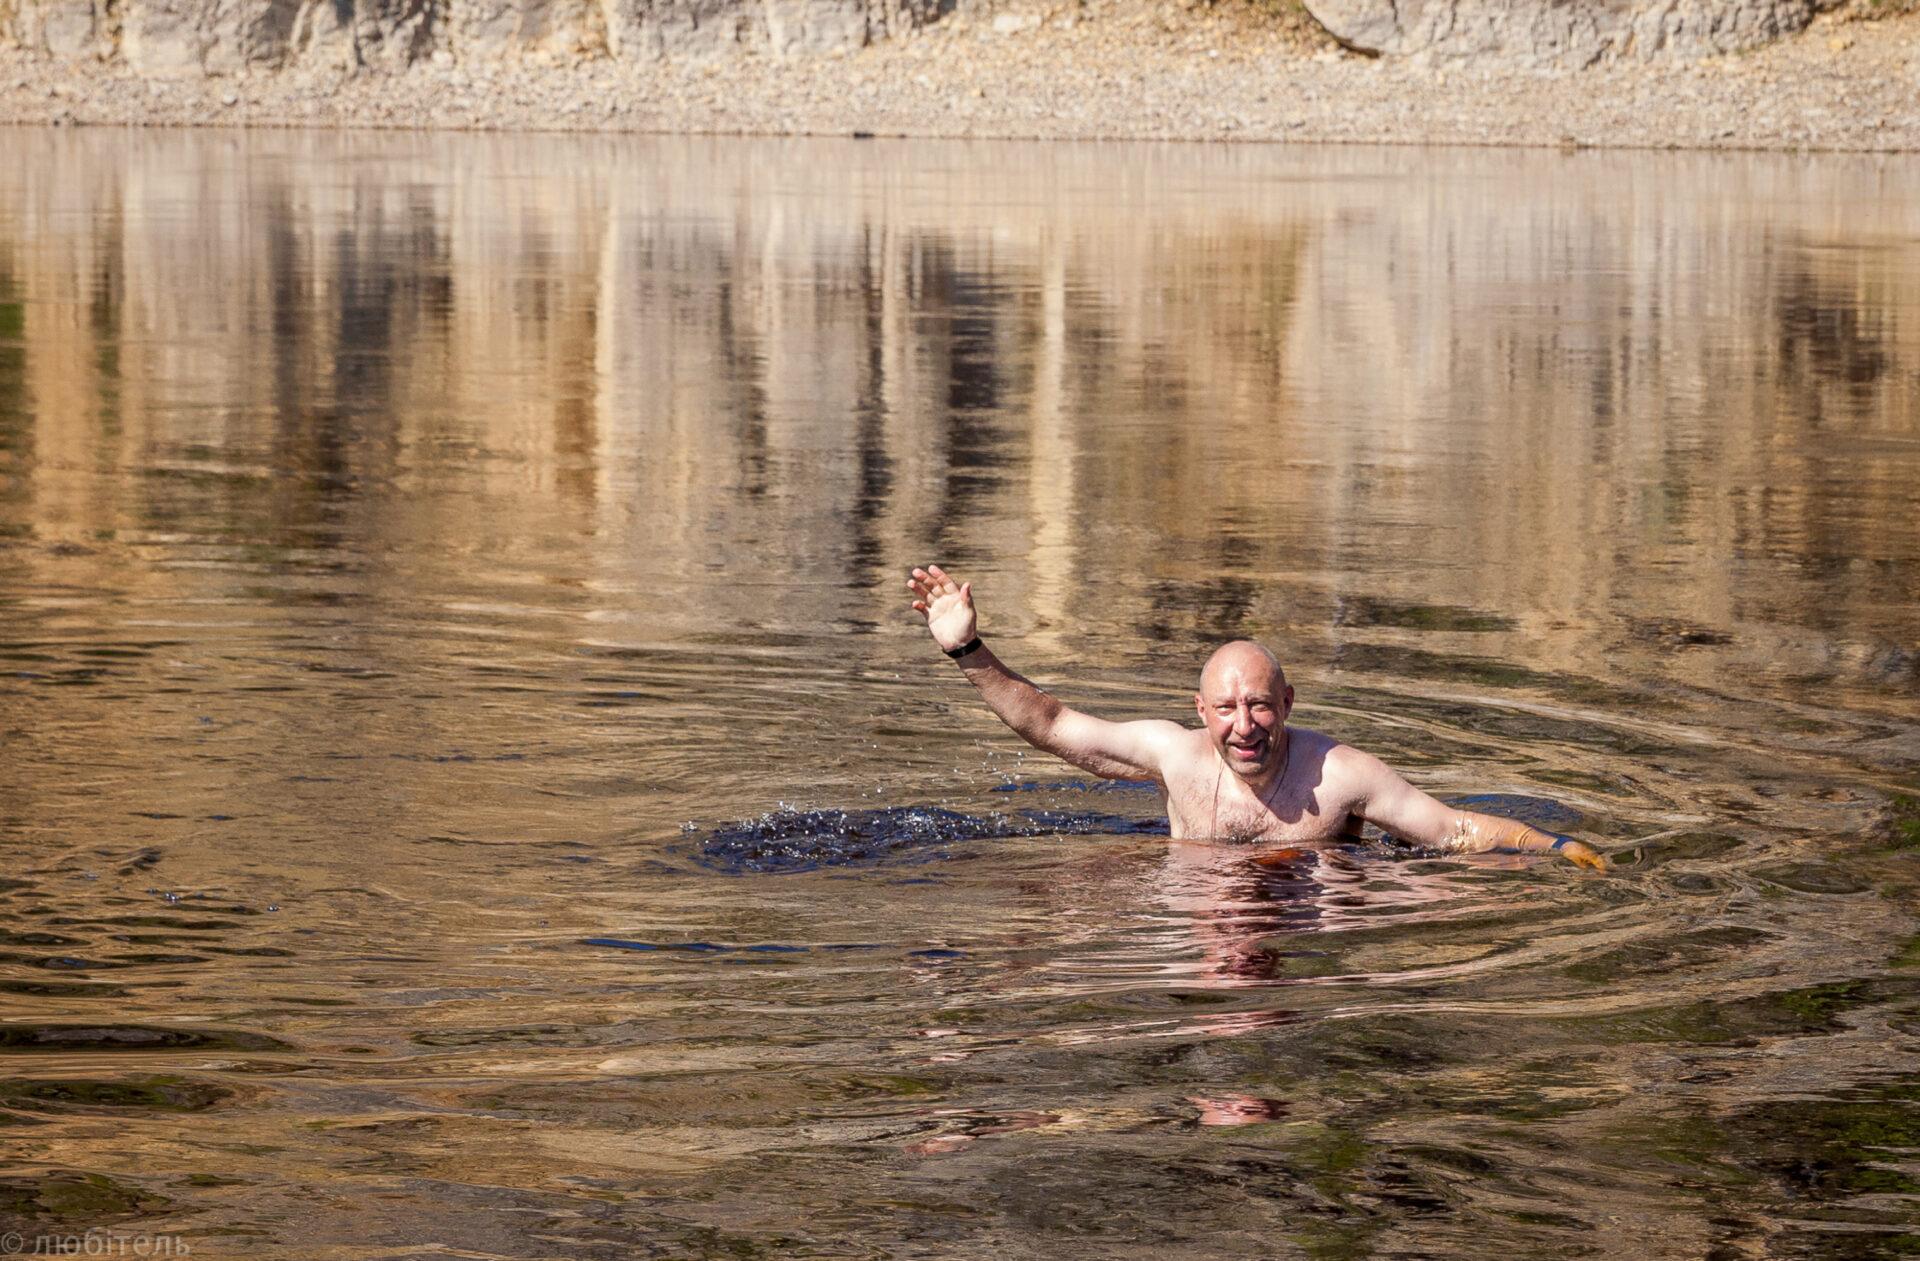 Якутия, сплав по р.Синяя. Часть 5, смена рек